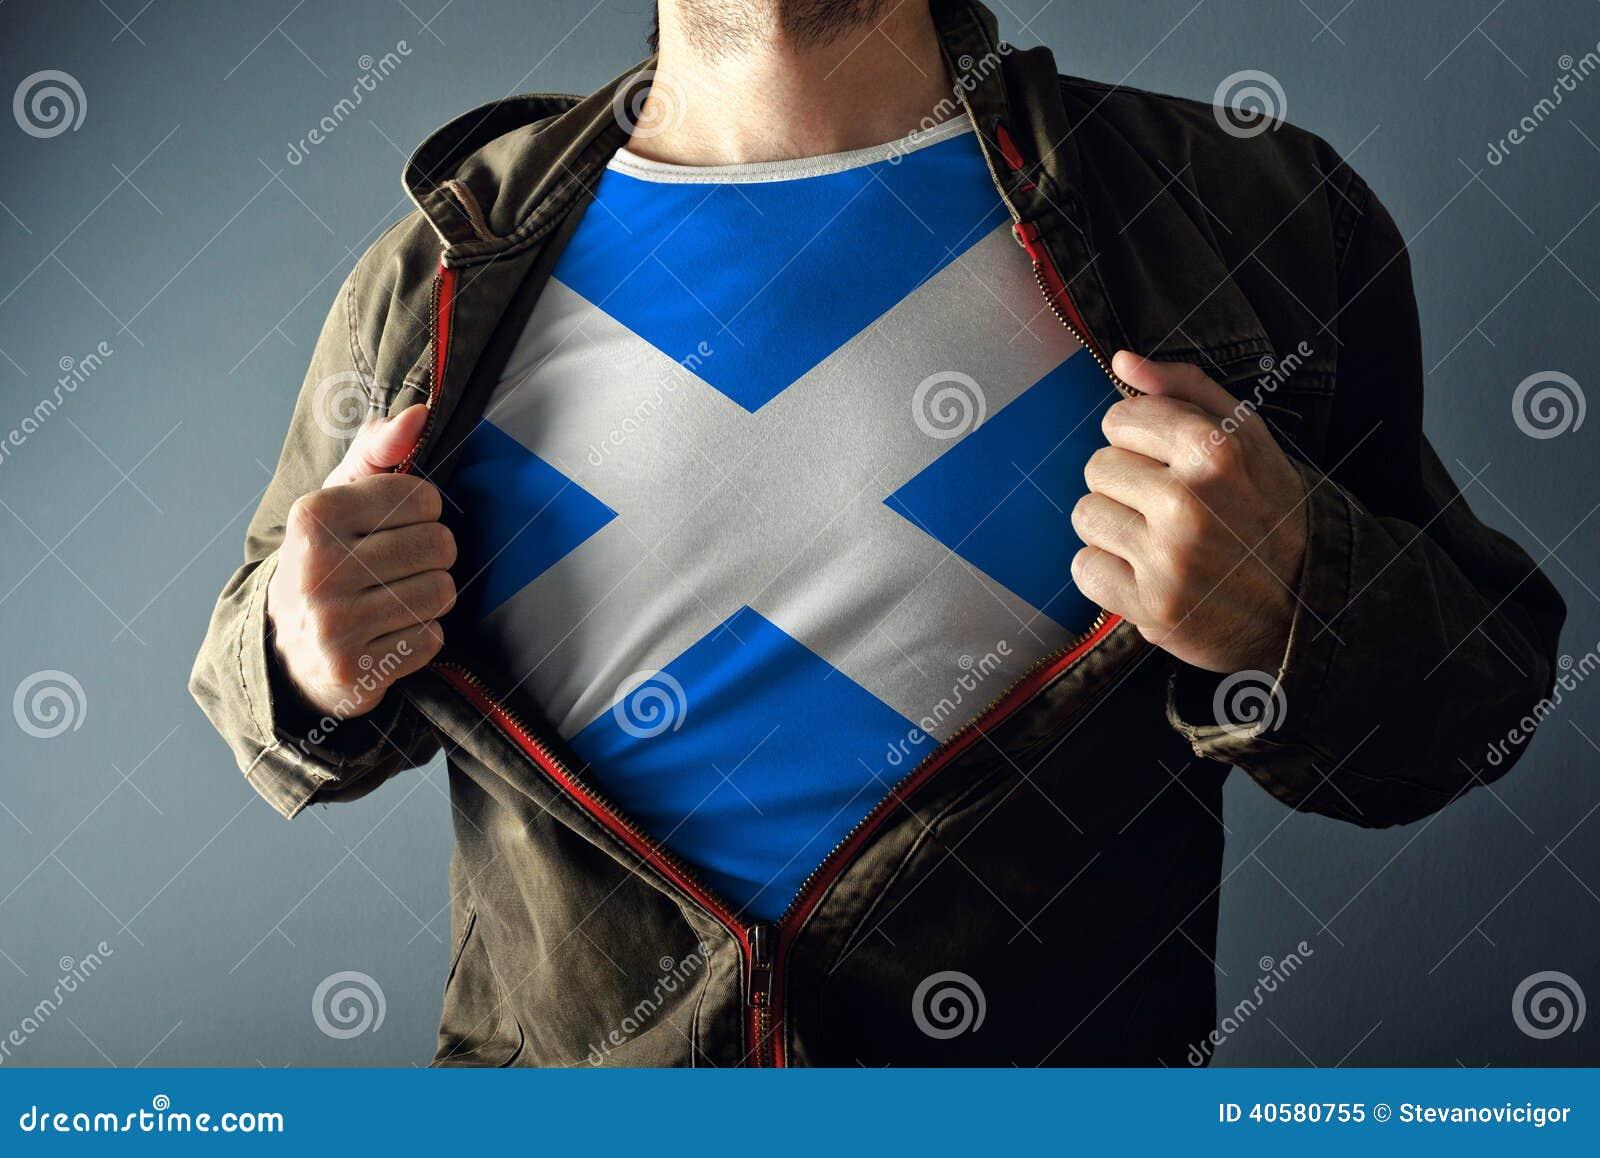 Человек протягивая куртку для того чтобы показать рубашку с флагом Шотландии